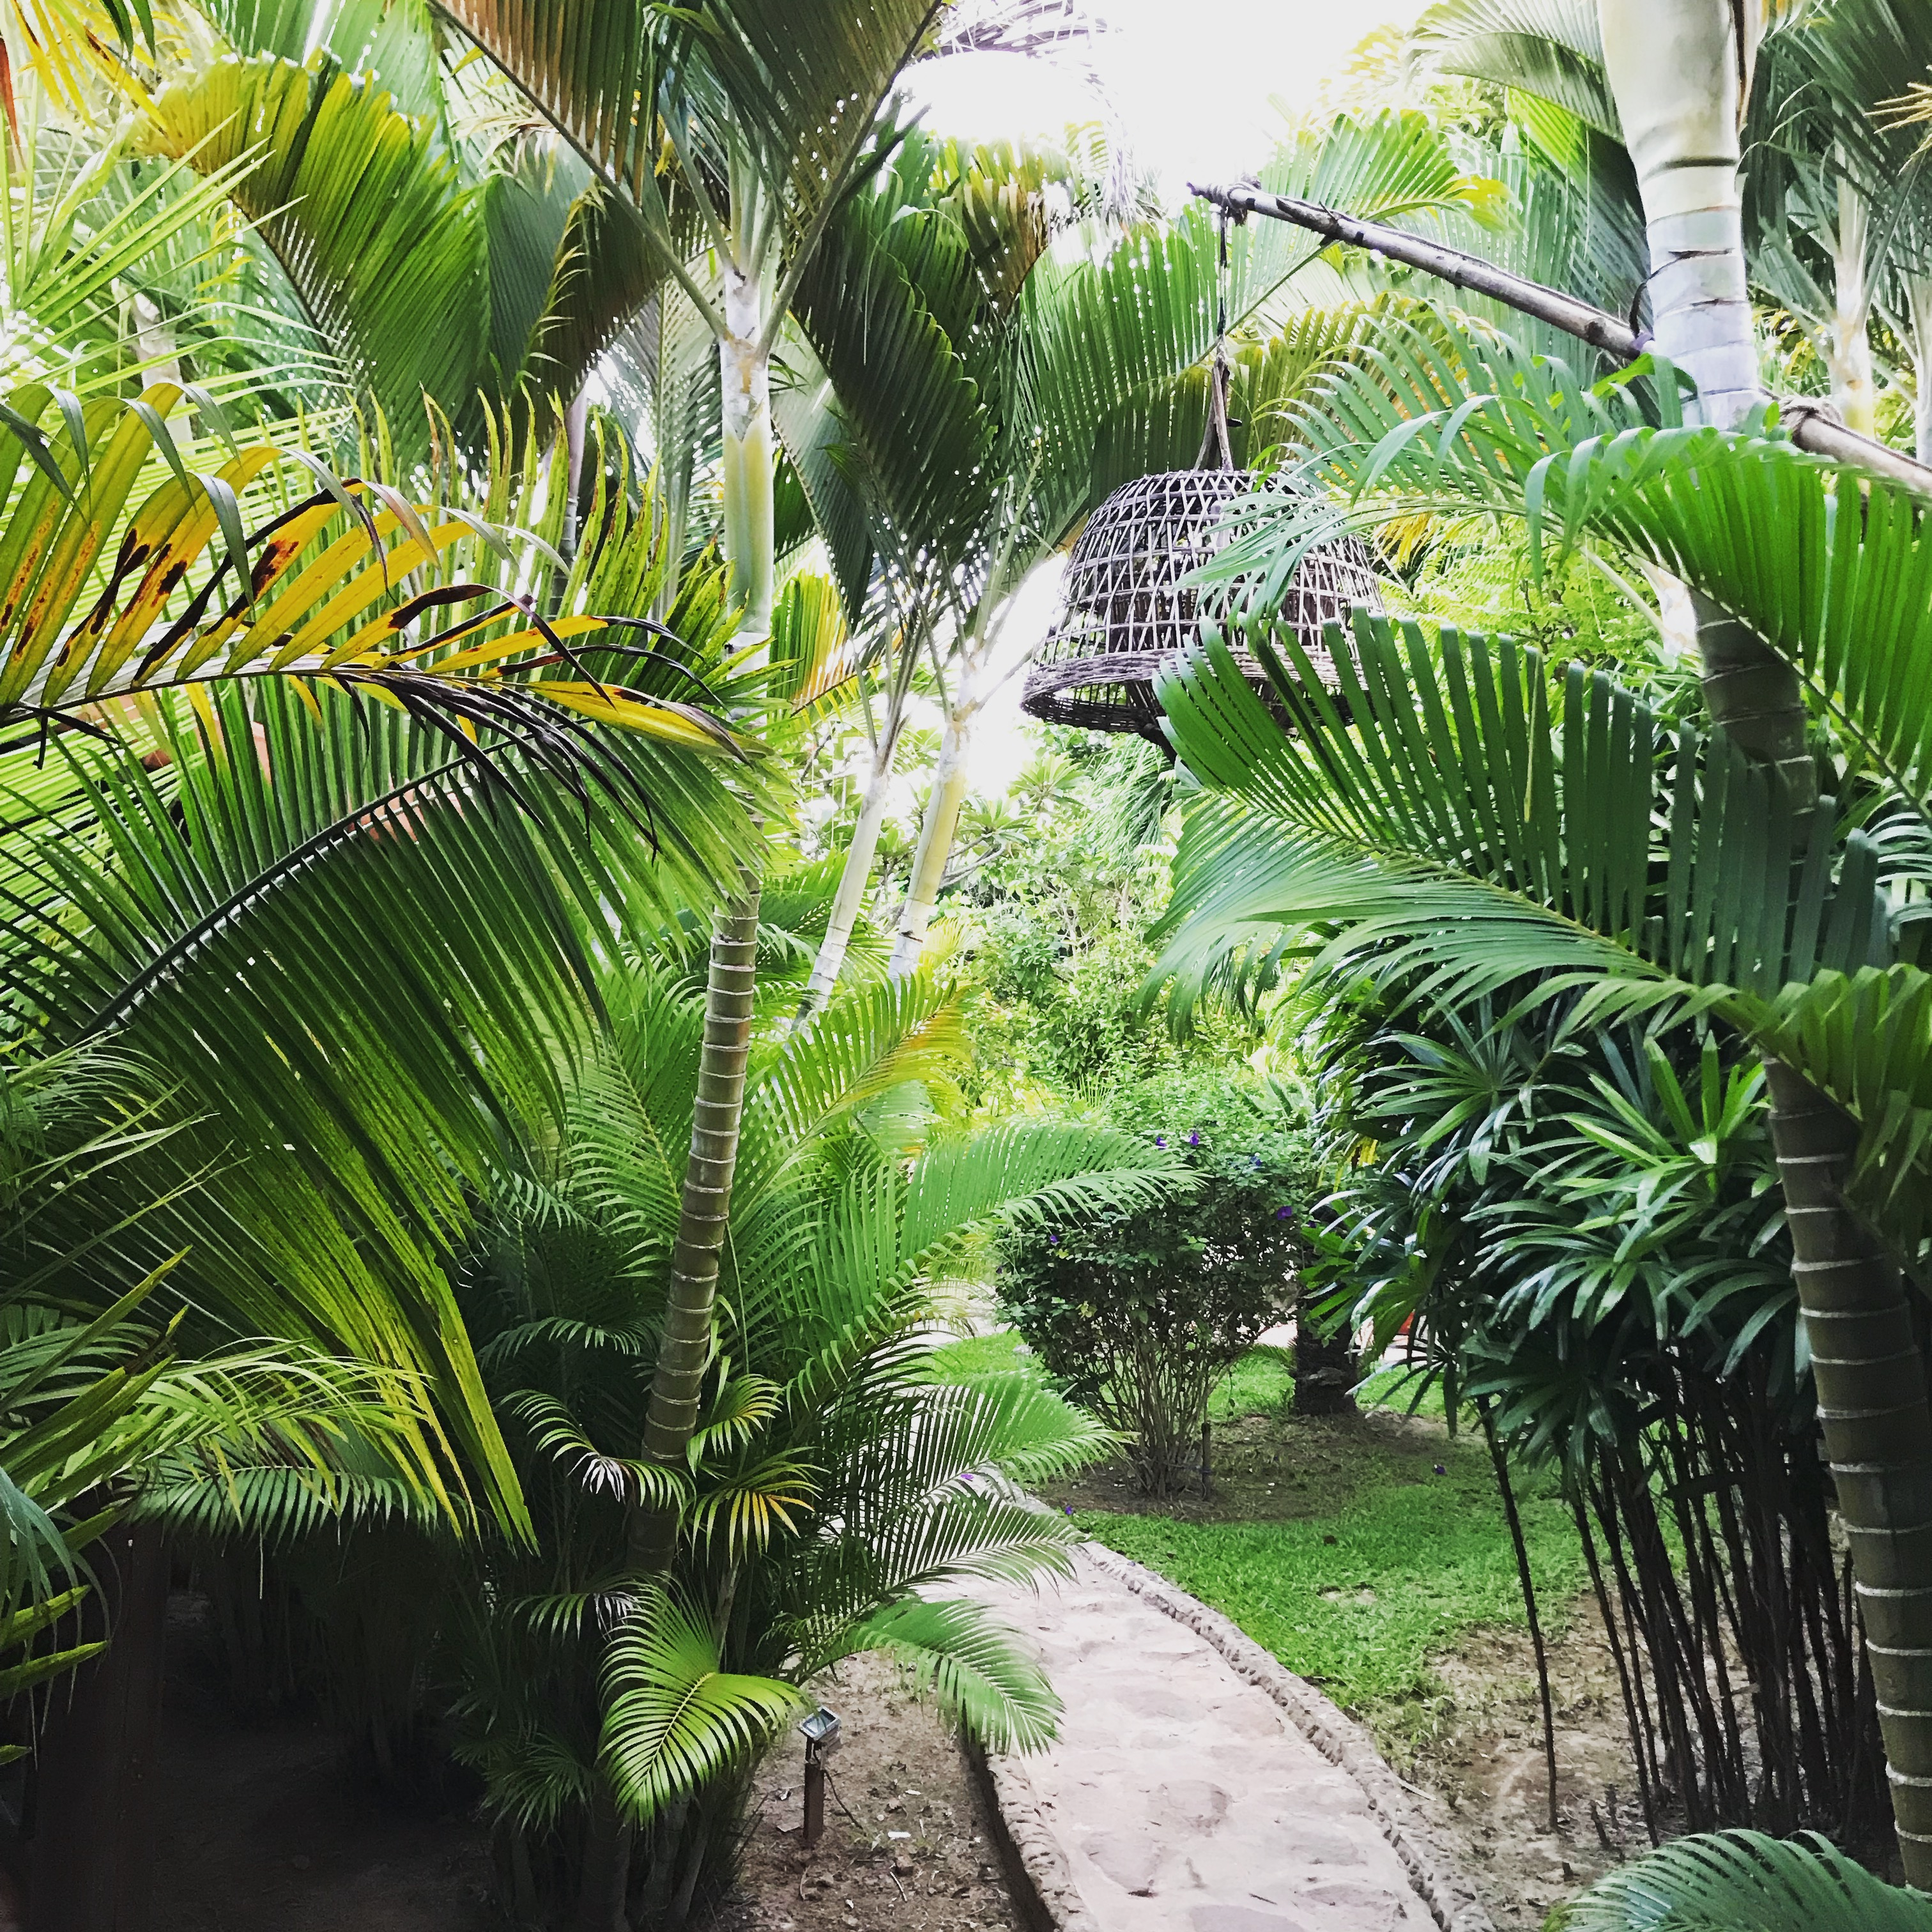 カンボジアのカンポット州を訪れています